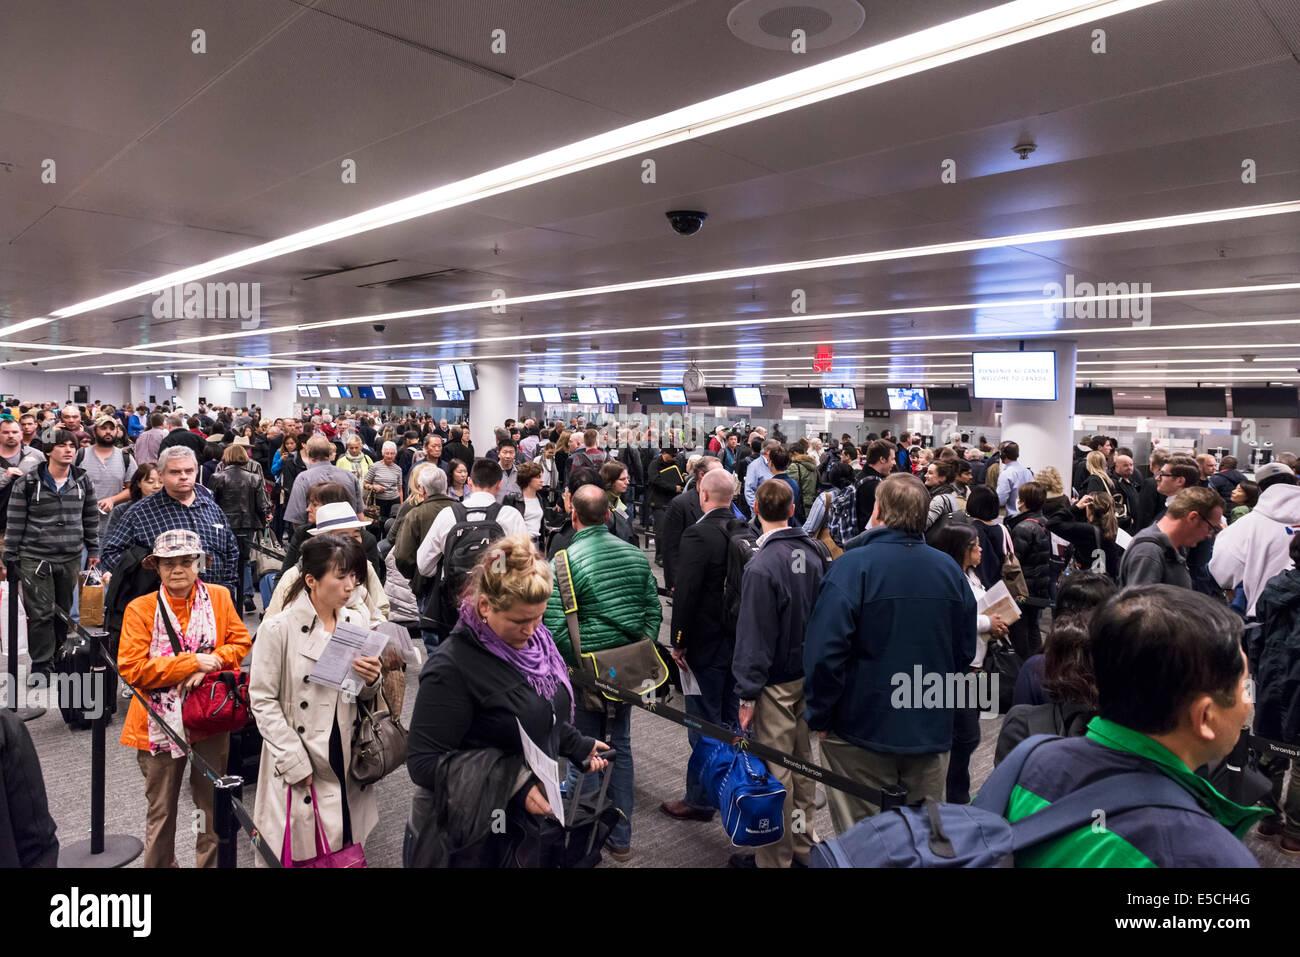 Überfüllt mit Menschen Toronto Pearson internationaler Flughafen Ankünfte, Kanada 2014 Stockbild